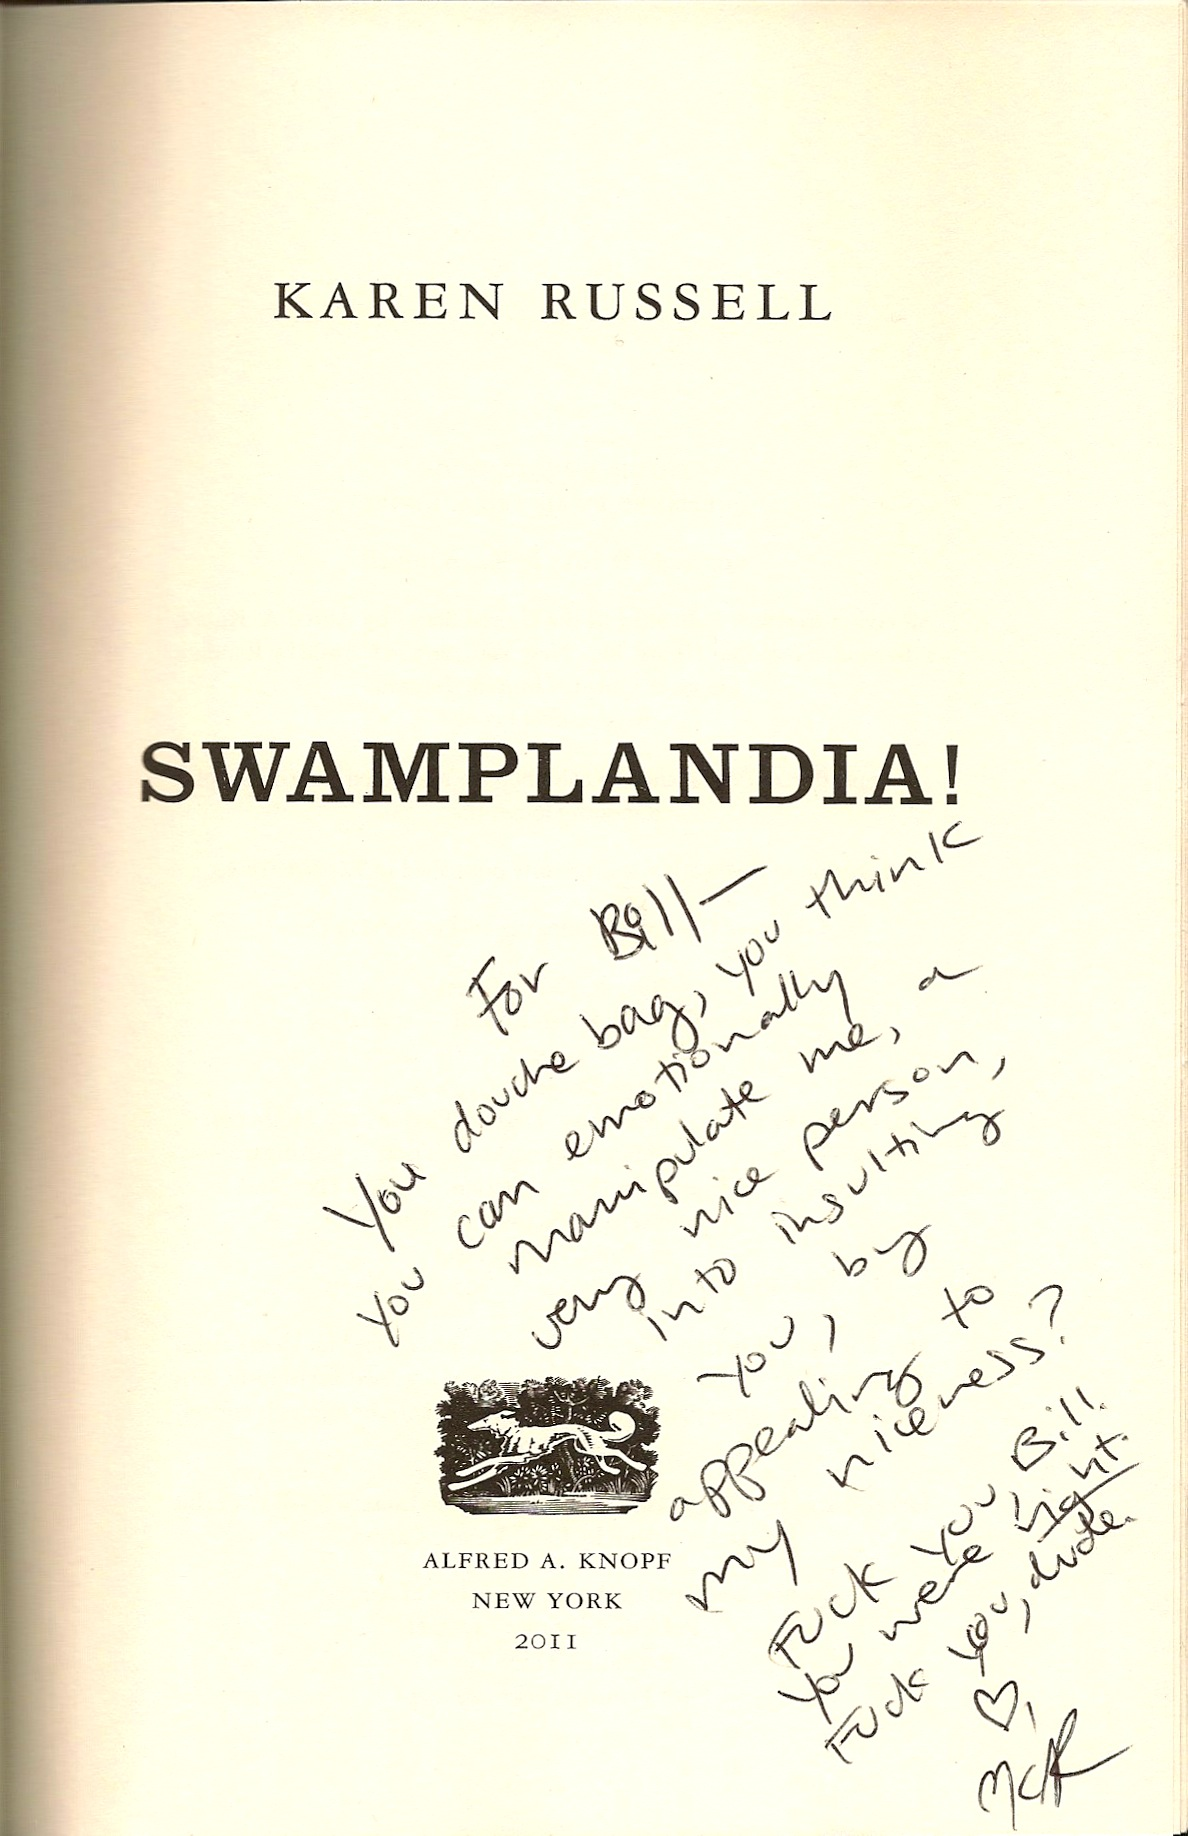 Karen Russell signed book